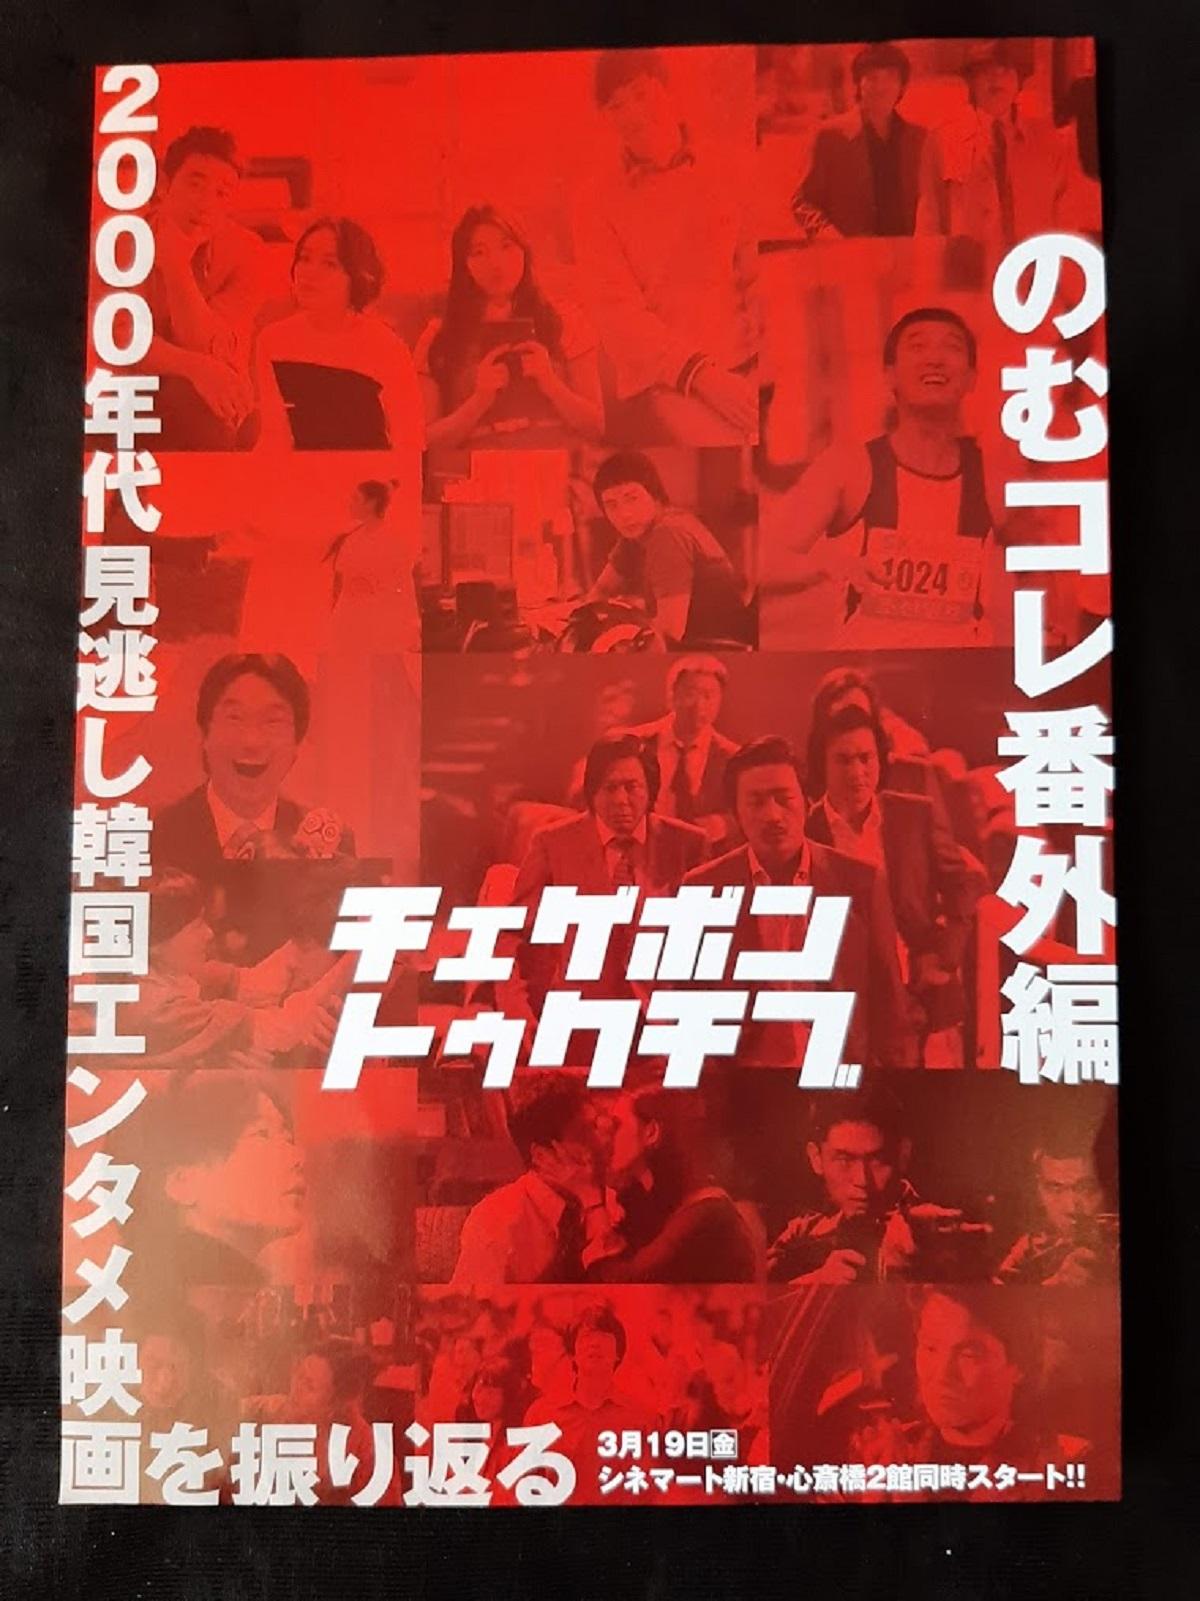 新宿シネマアート『のむコレ』のポスター